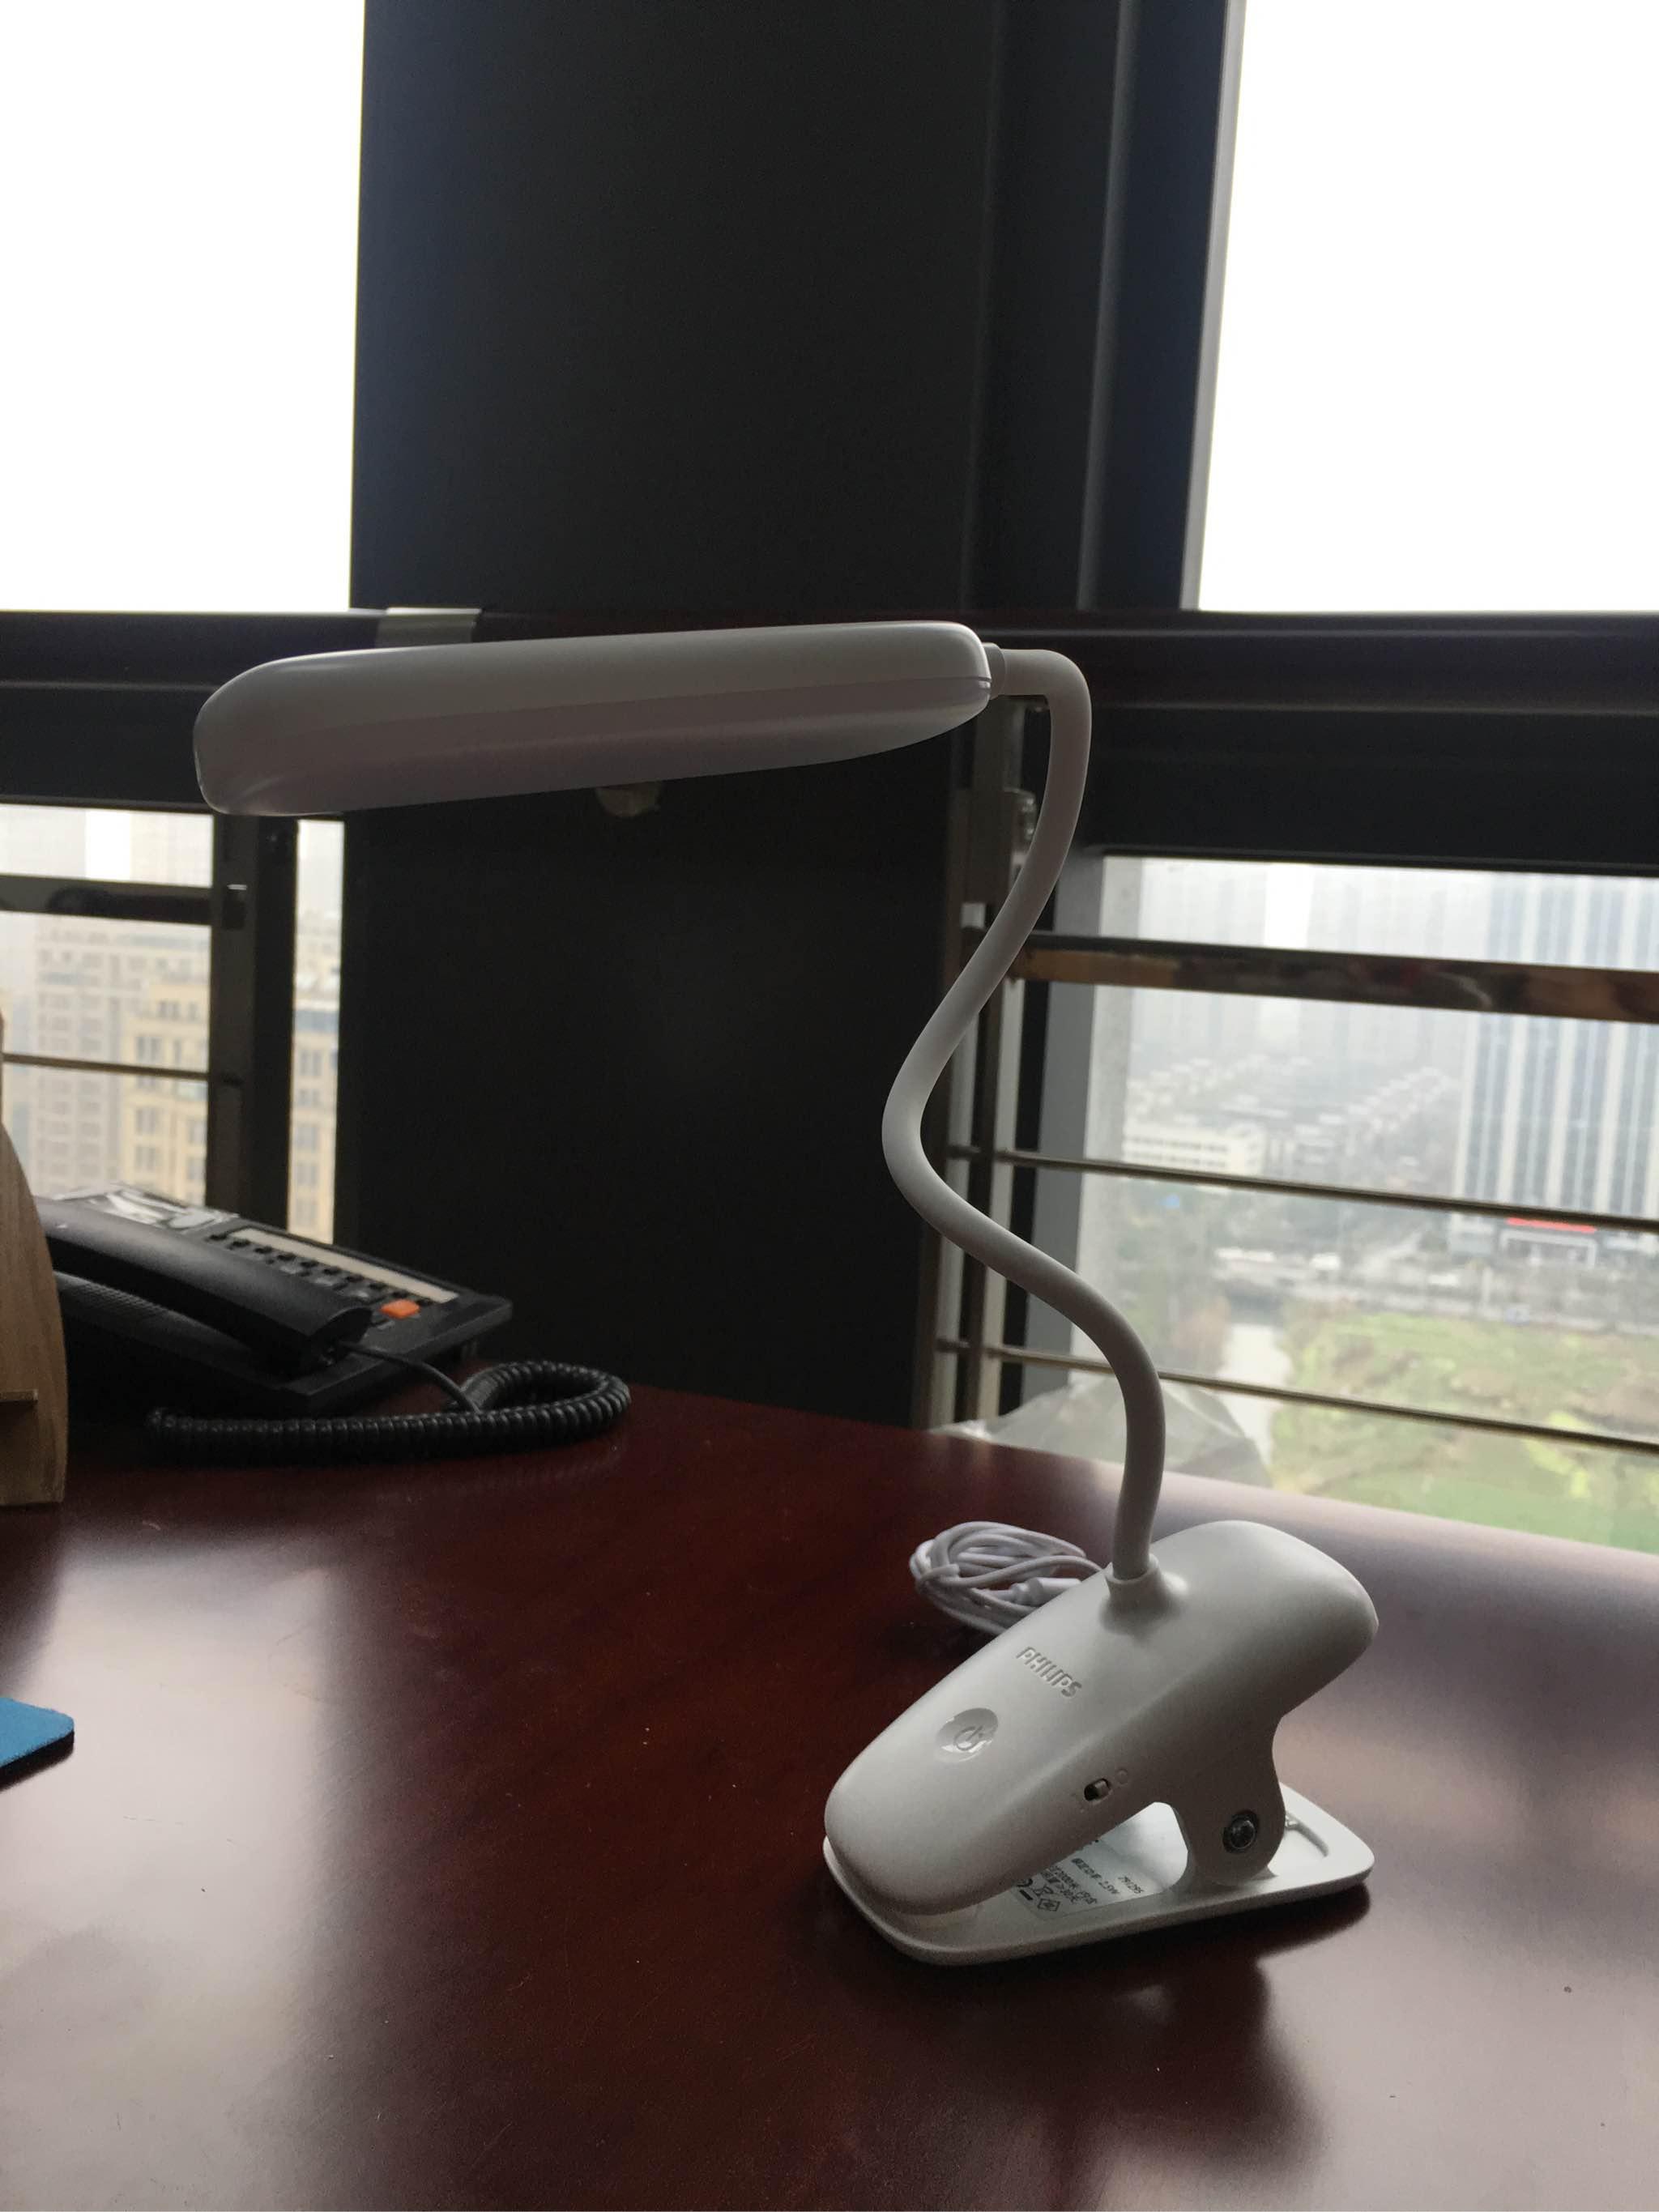 飞利浦照明LED夹式充电台灯值不值得买怎么样?使用体验如何